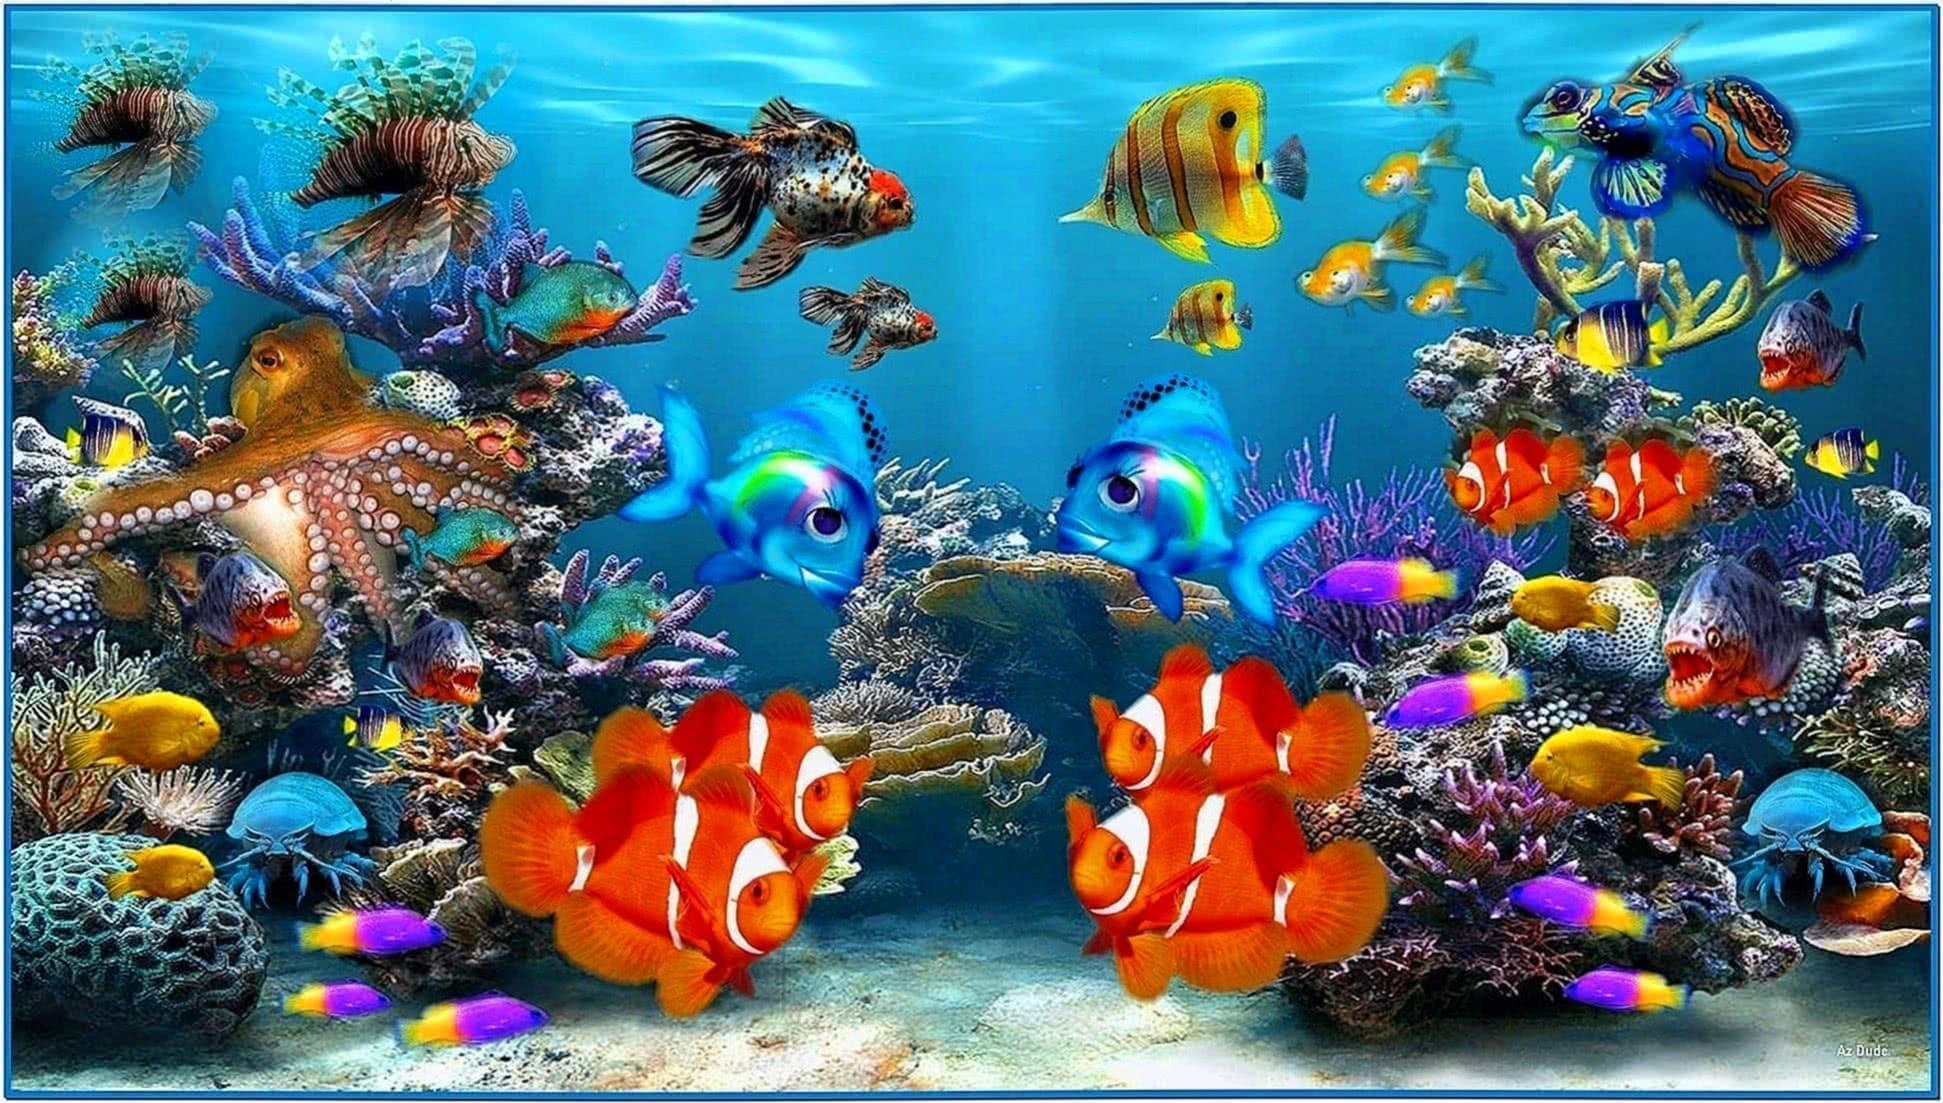 Fish Aquarium Video Screensaver Software